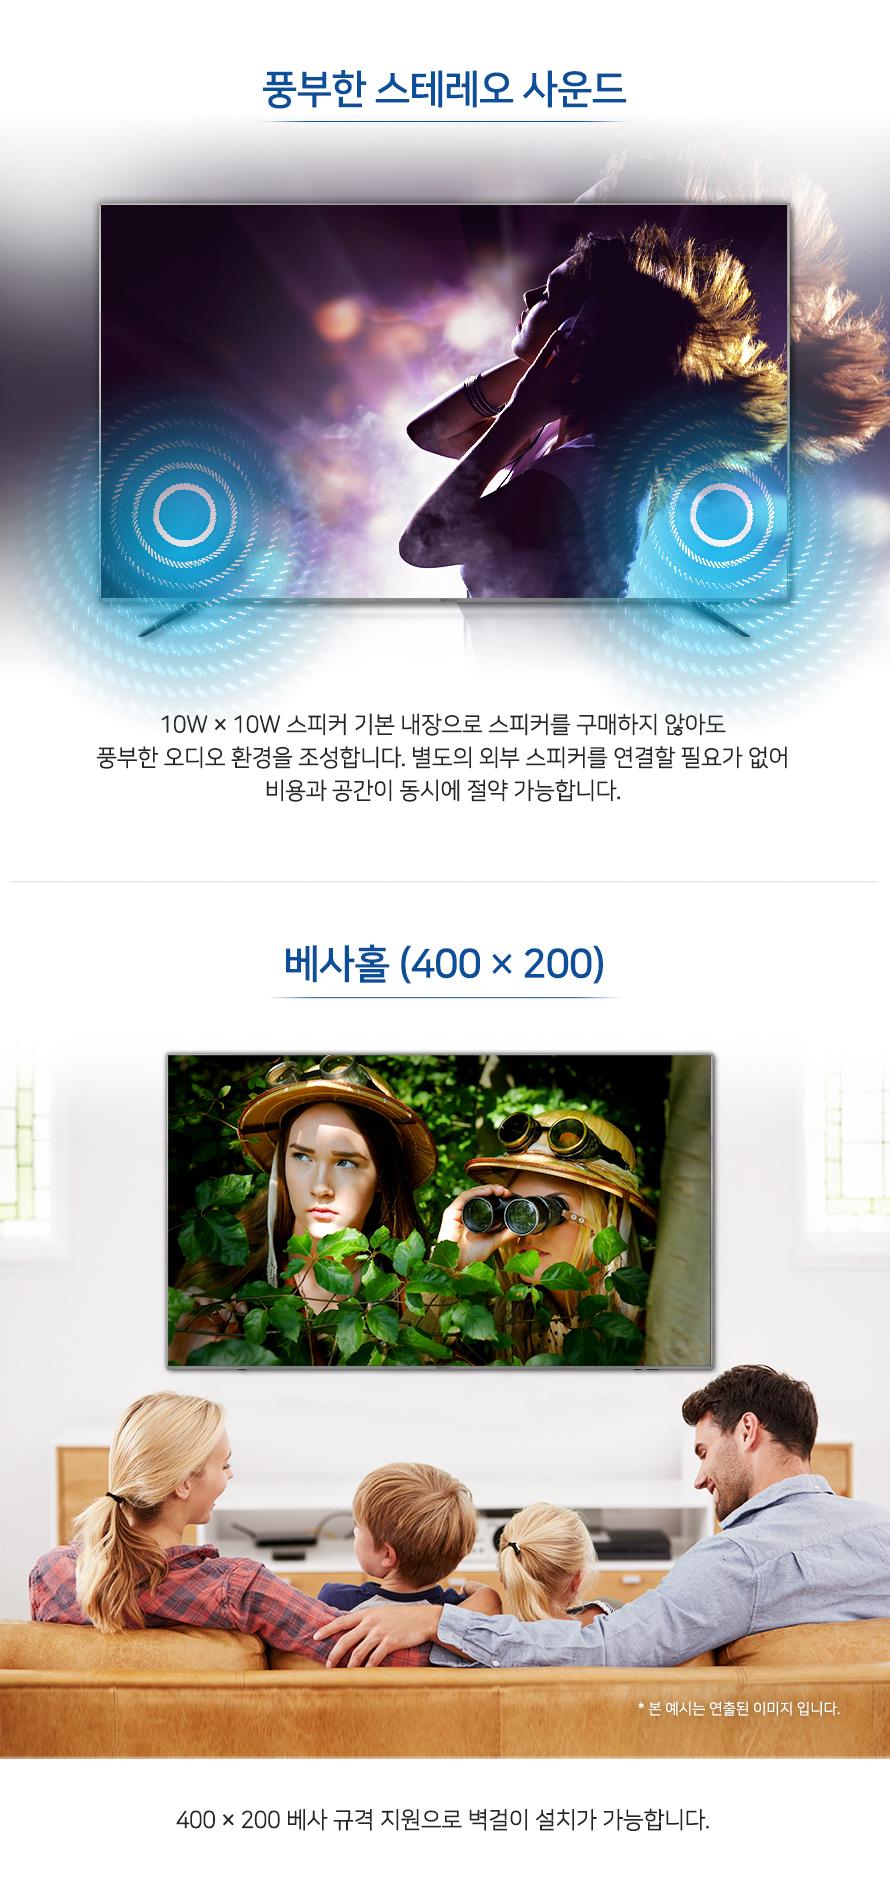 알파스캔 프레스티지 A75UH 4K UHD TV HDR (스탠드)